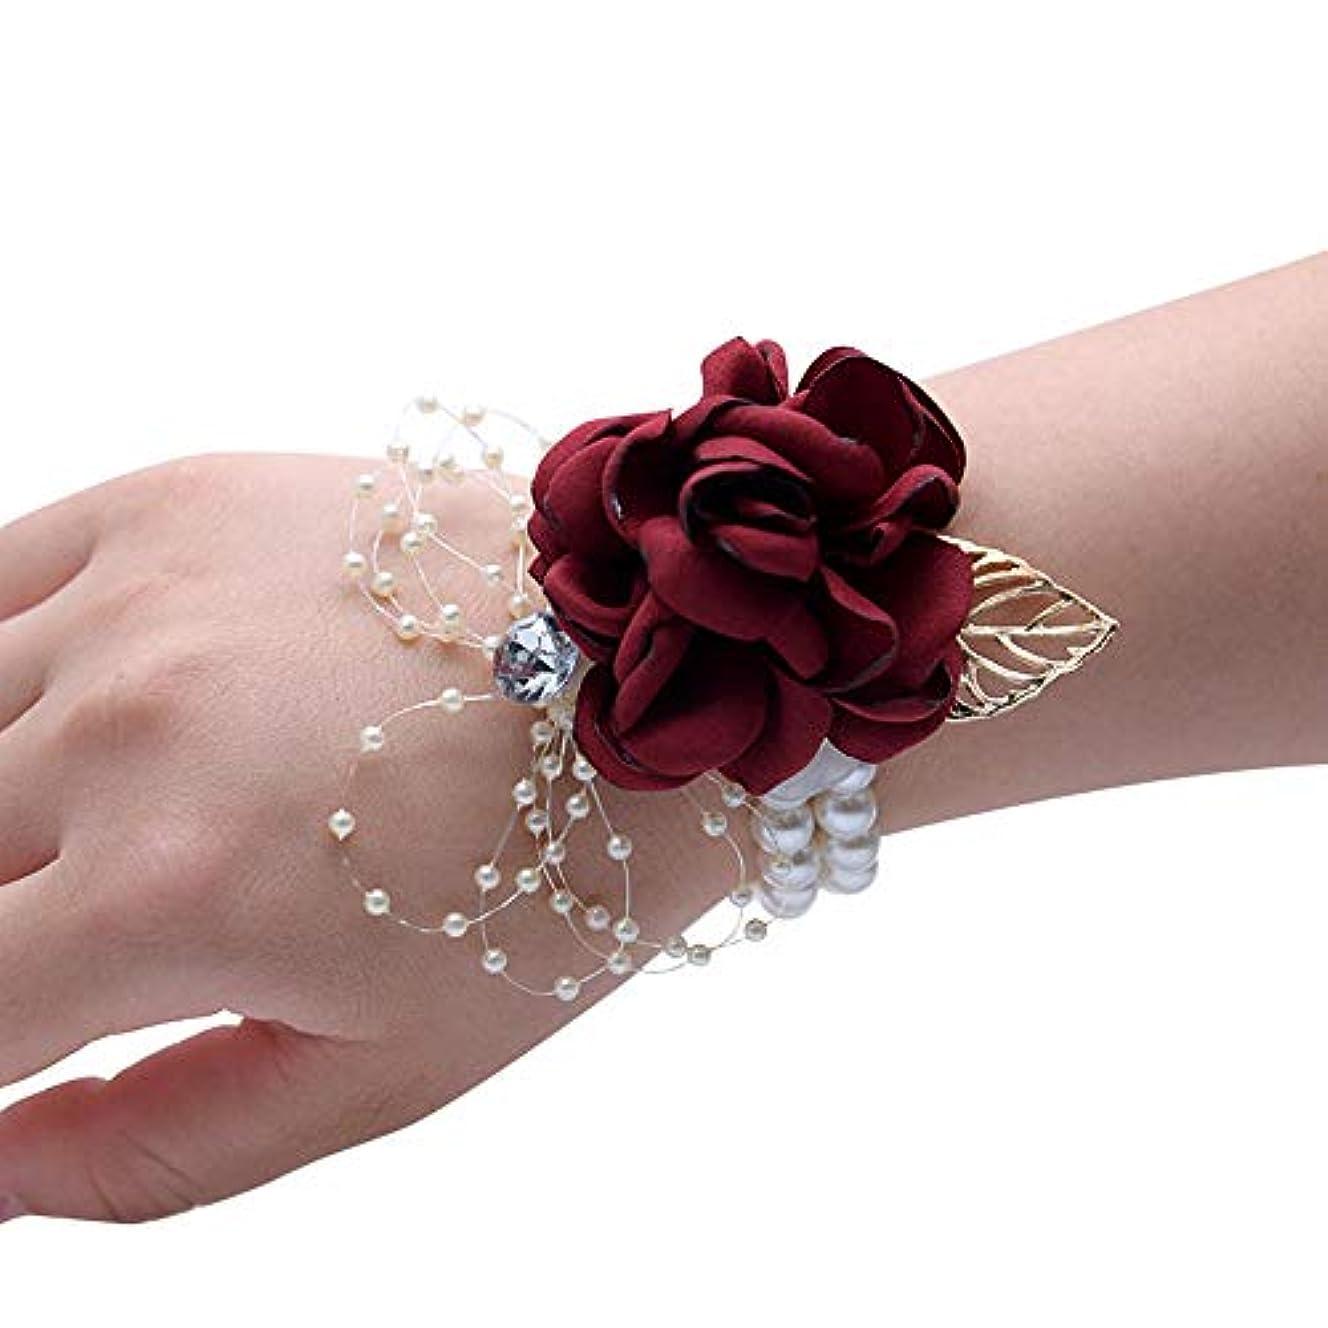 やりすぎ活気づく知るMerssavo 手首の花 - 女の子チャーム手首コサージュブレスレット花嫁介添人姉妹の手の花のどの真珠の結婚式、ワインレッド